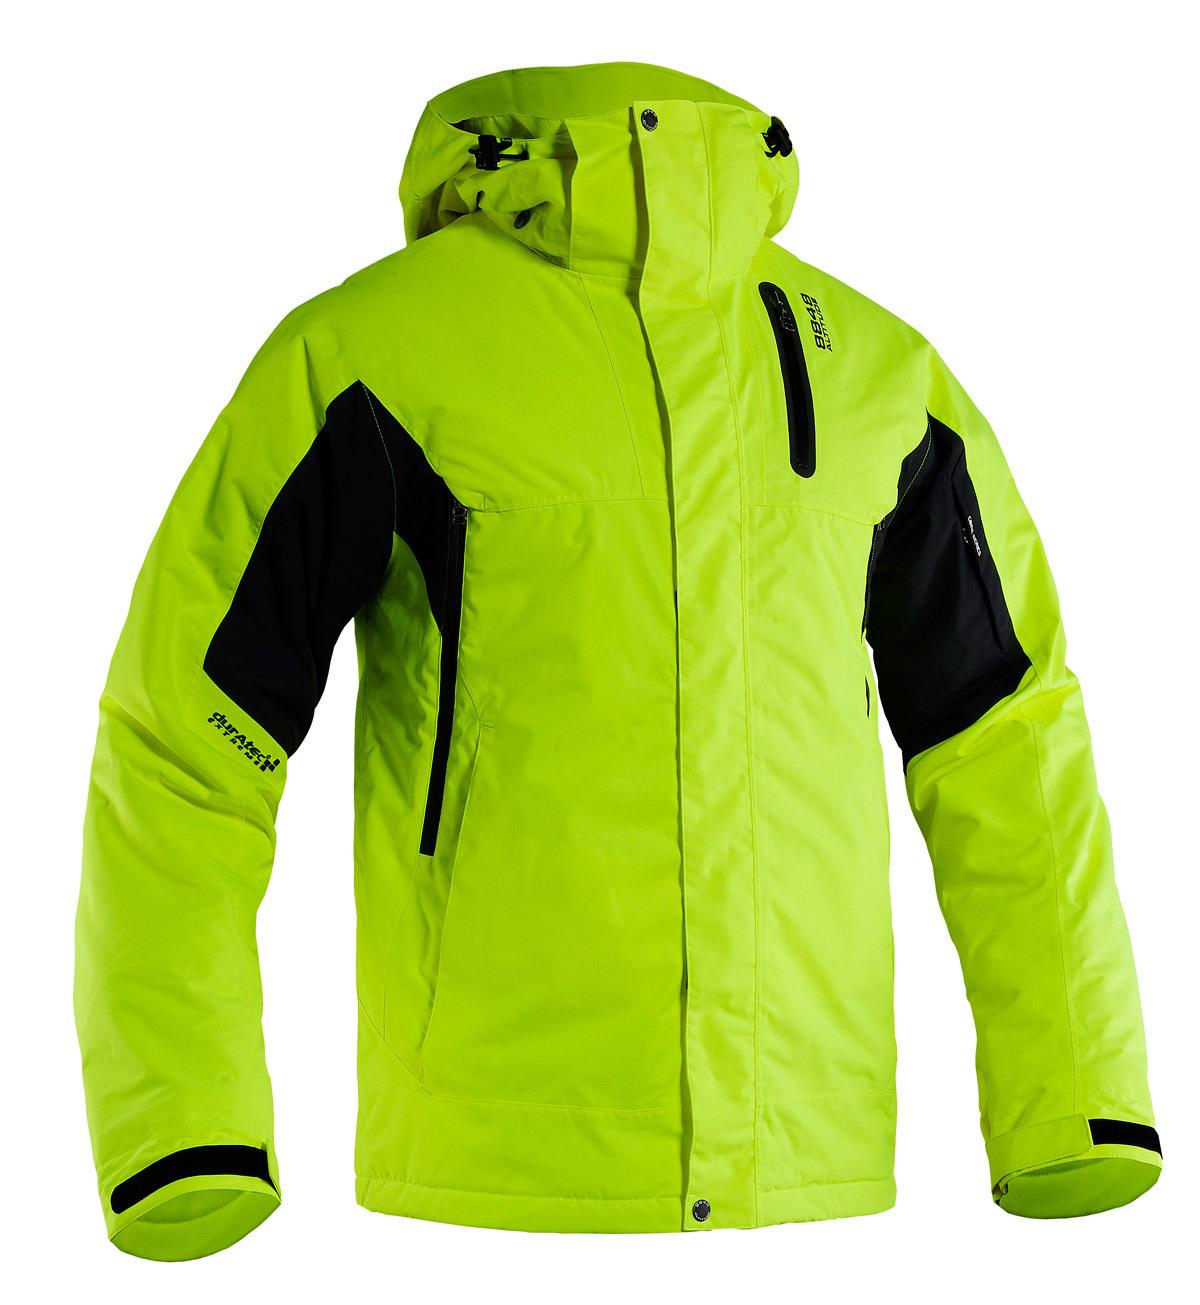 Горнолыжная Куртка 8848 Altitude Cooper Neon Yellow